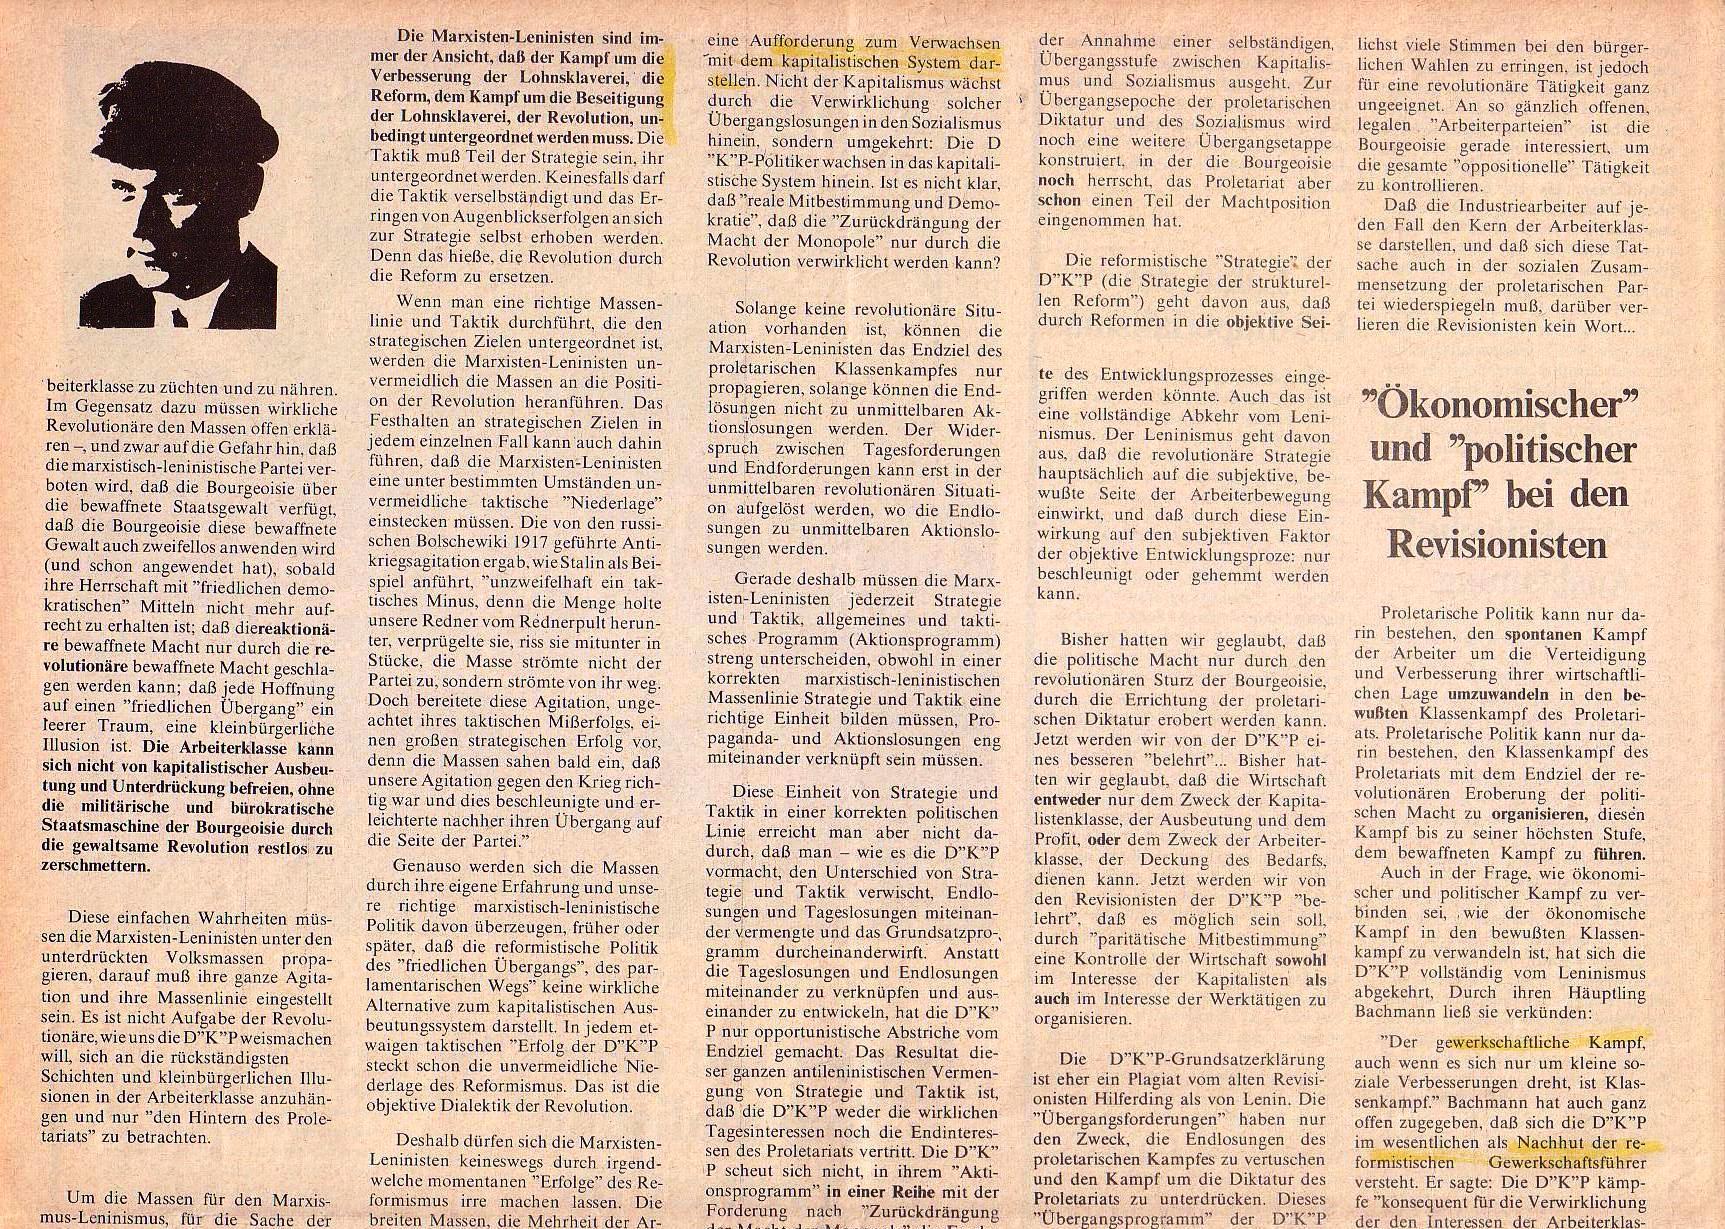 Roter Morgen, 4. Jg., Oktober 1970, Nr. 9, Seite 6a